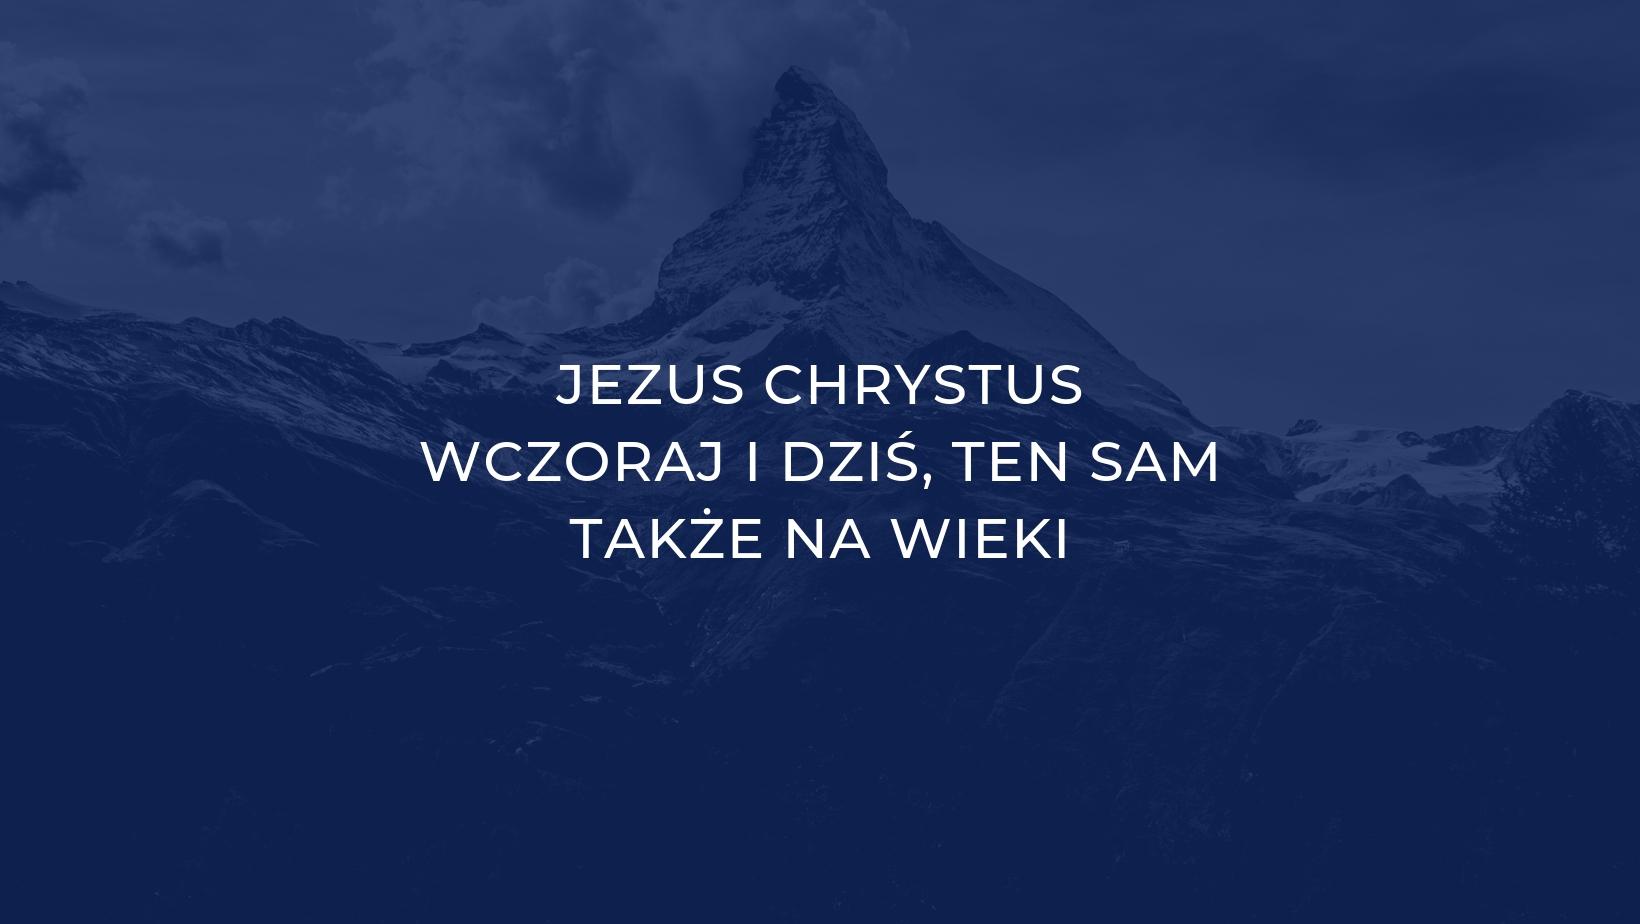 Jezus Chrystus Wczoraj Dziś Ten Sam I na Wieki fb